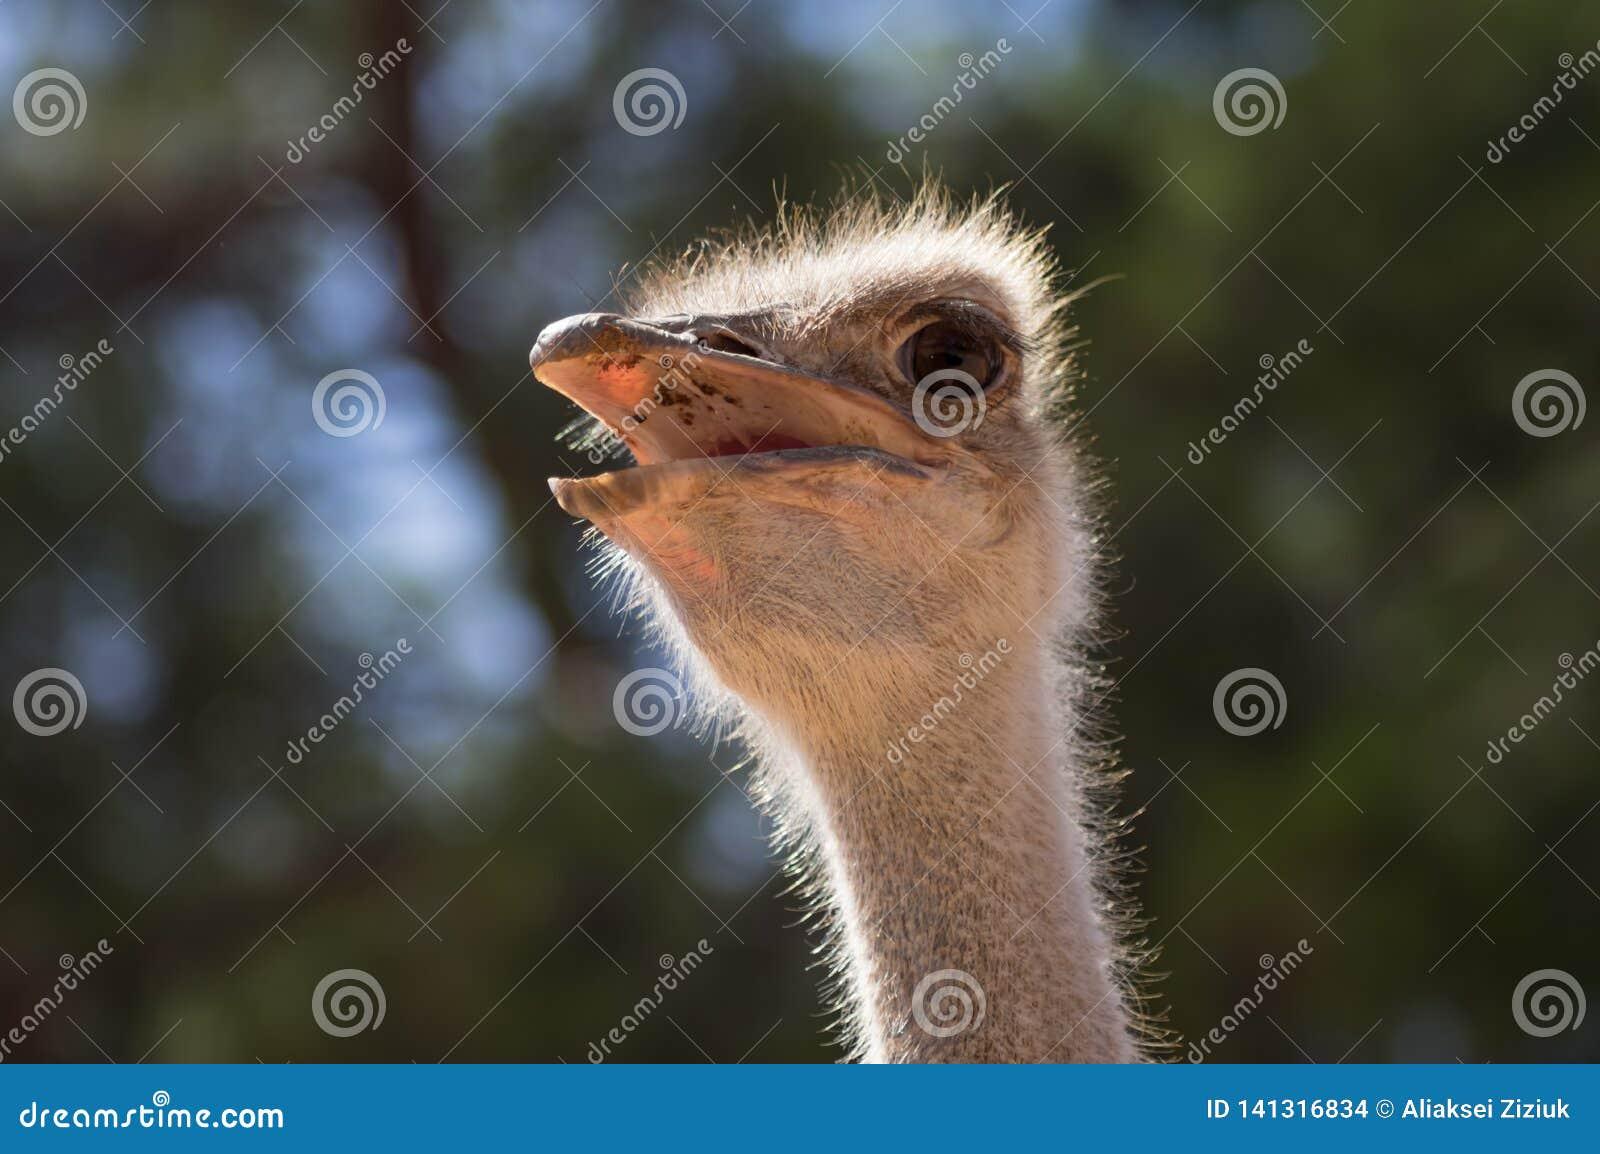 Retrato de una avestruz